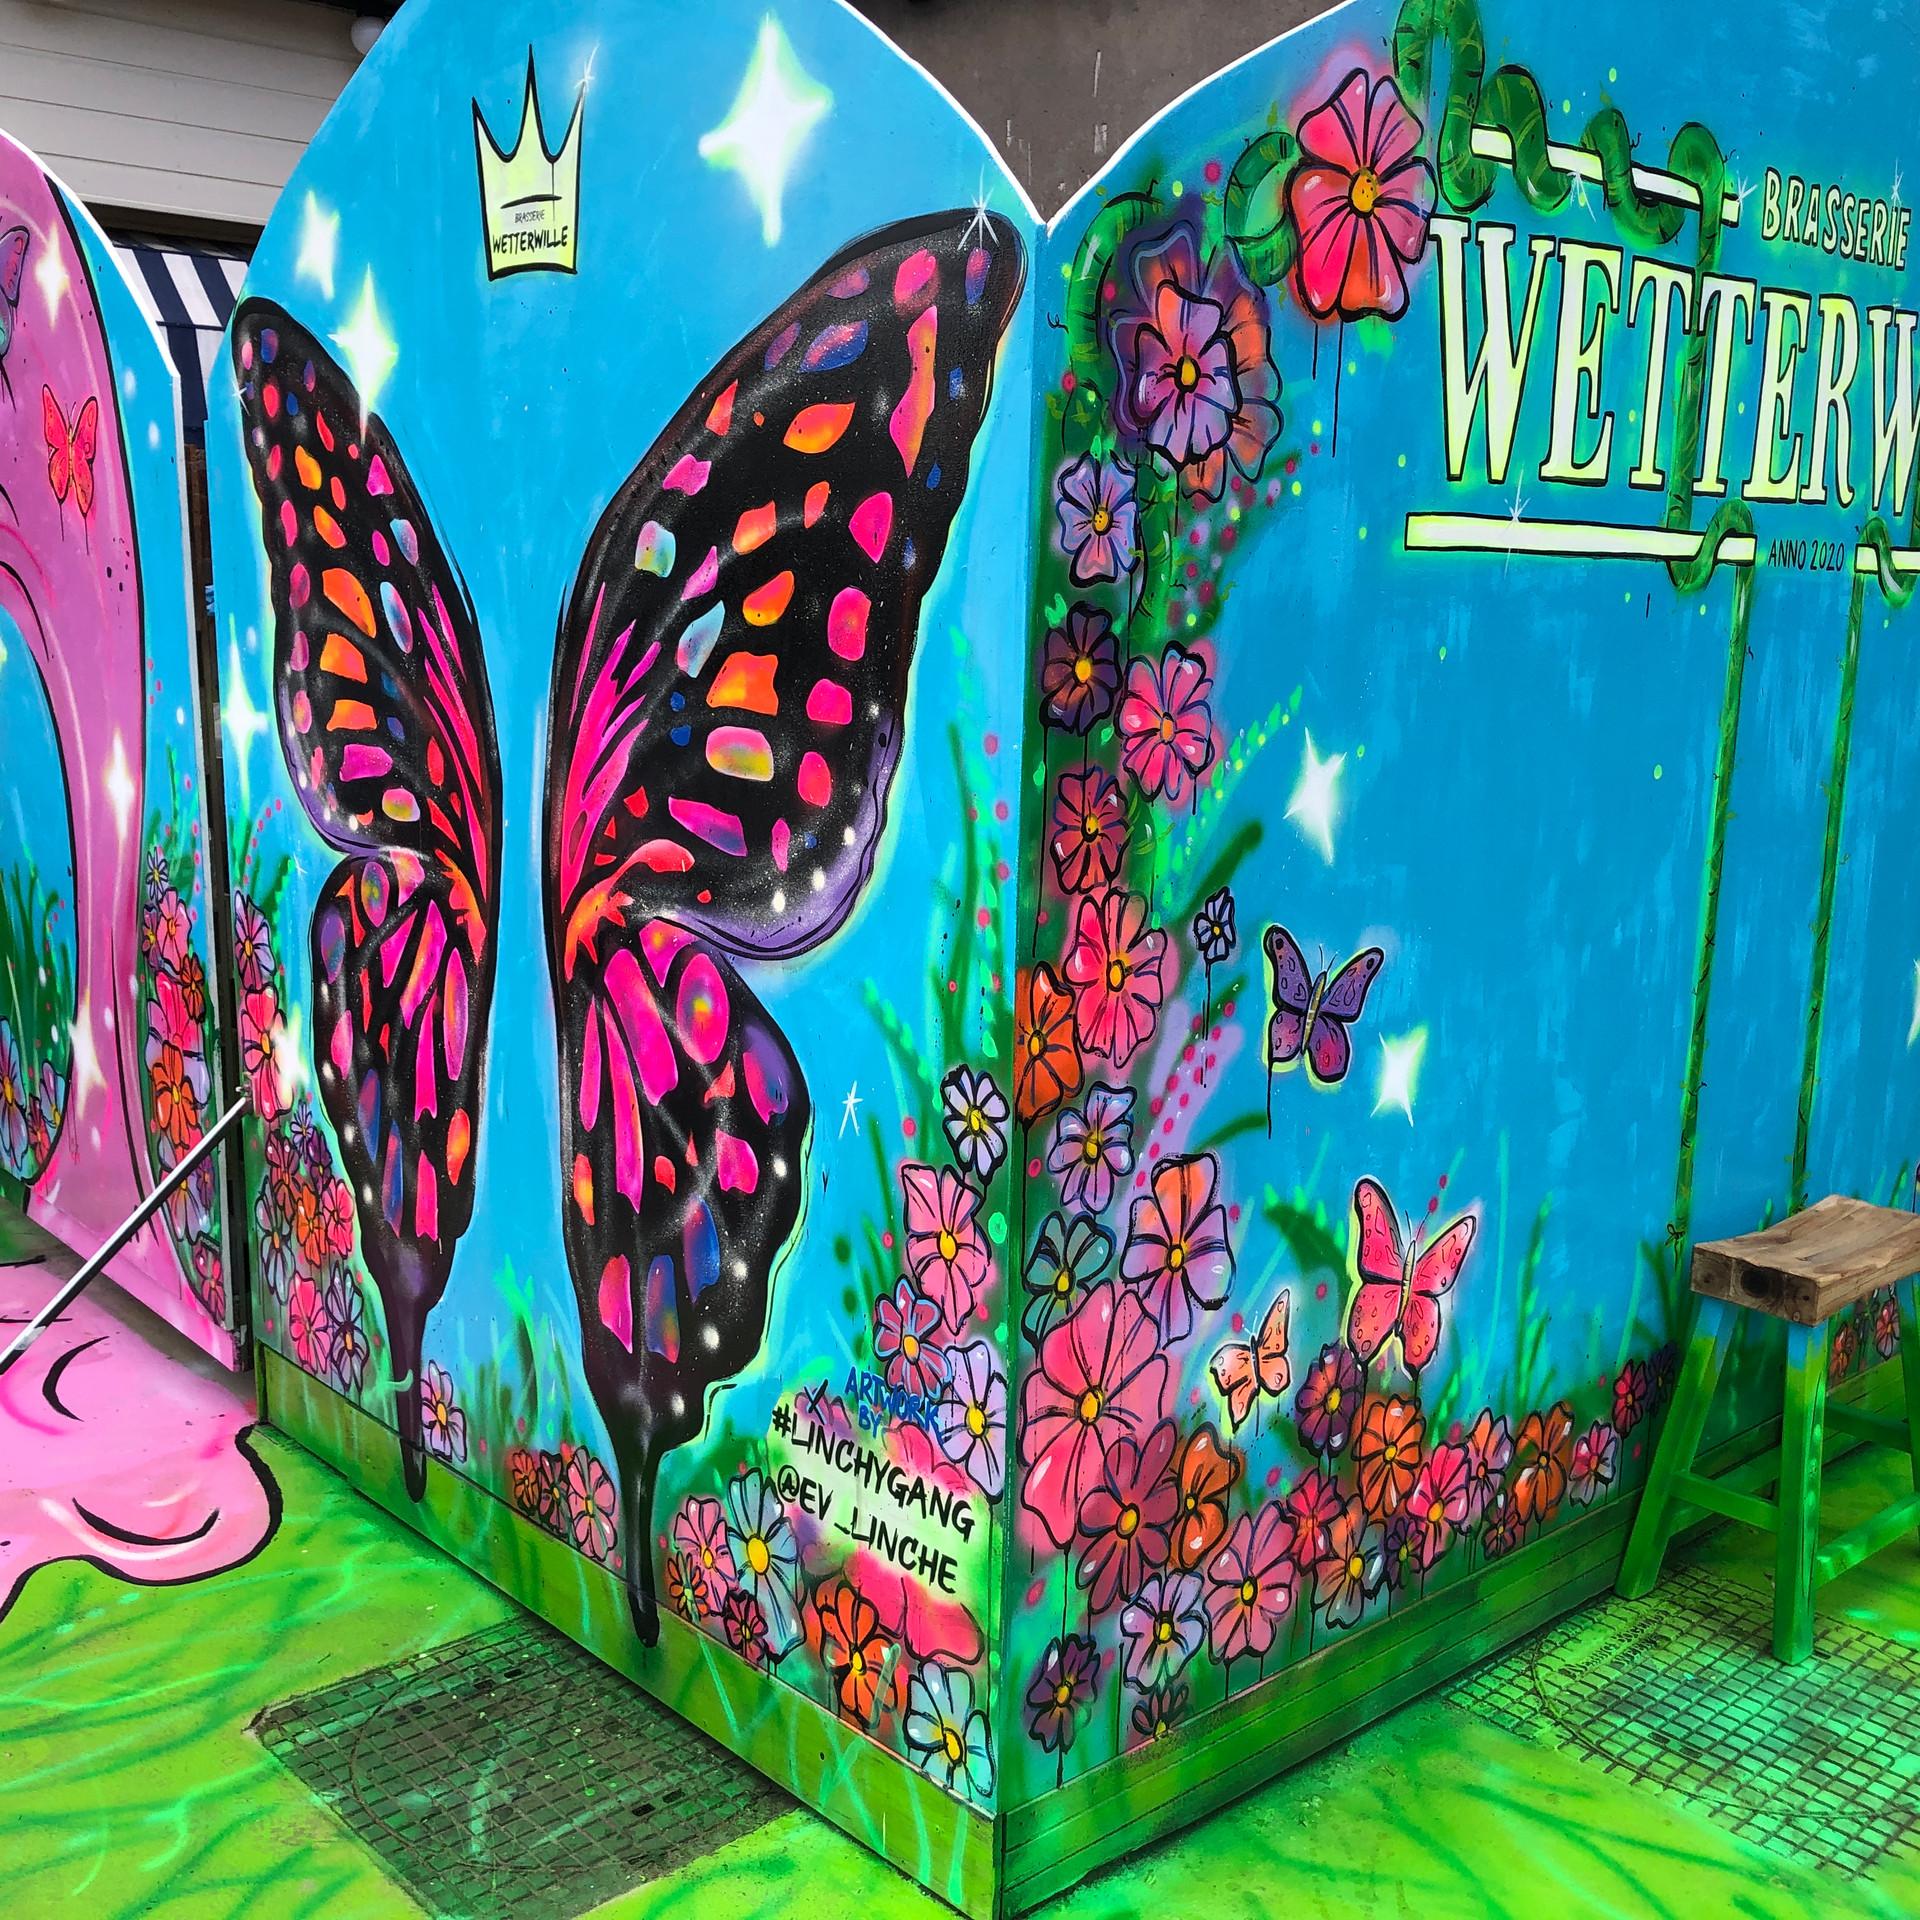 selfie wall at restaurant Wetterwille -Oud Loosdrecht